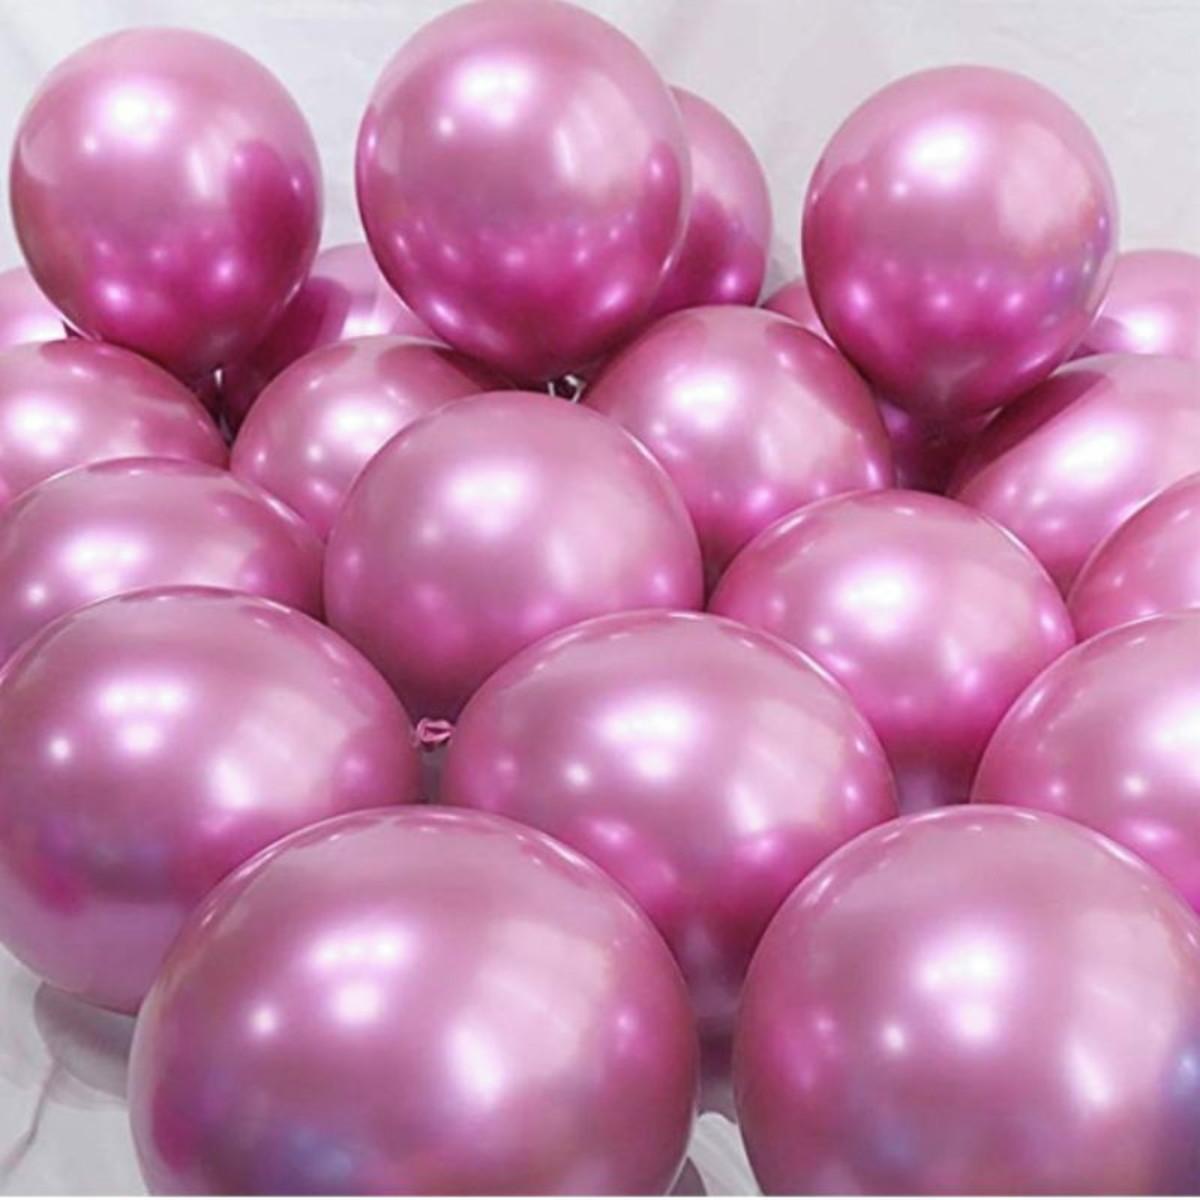 25 Balão Bexiga Metalizado 5 Pol Dourado + 25 Rosa cromado